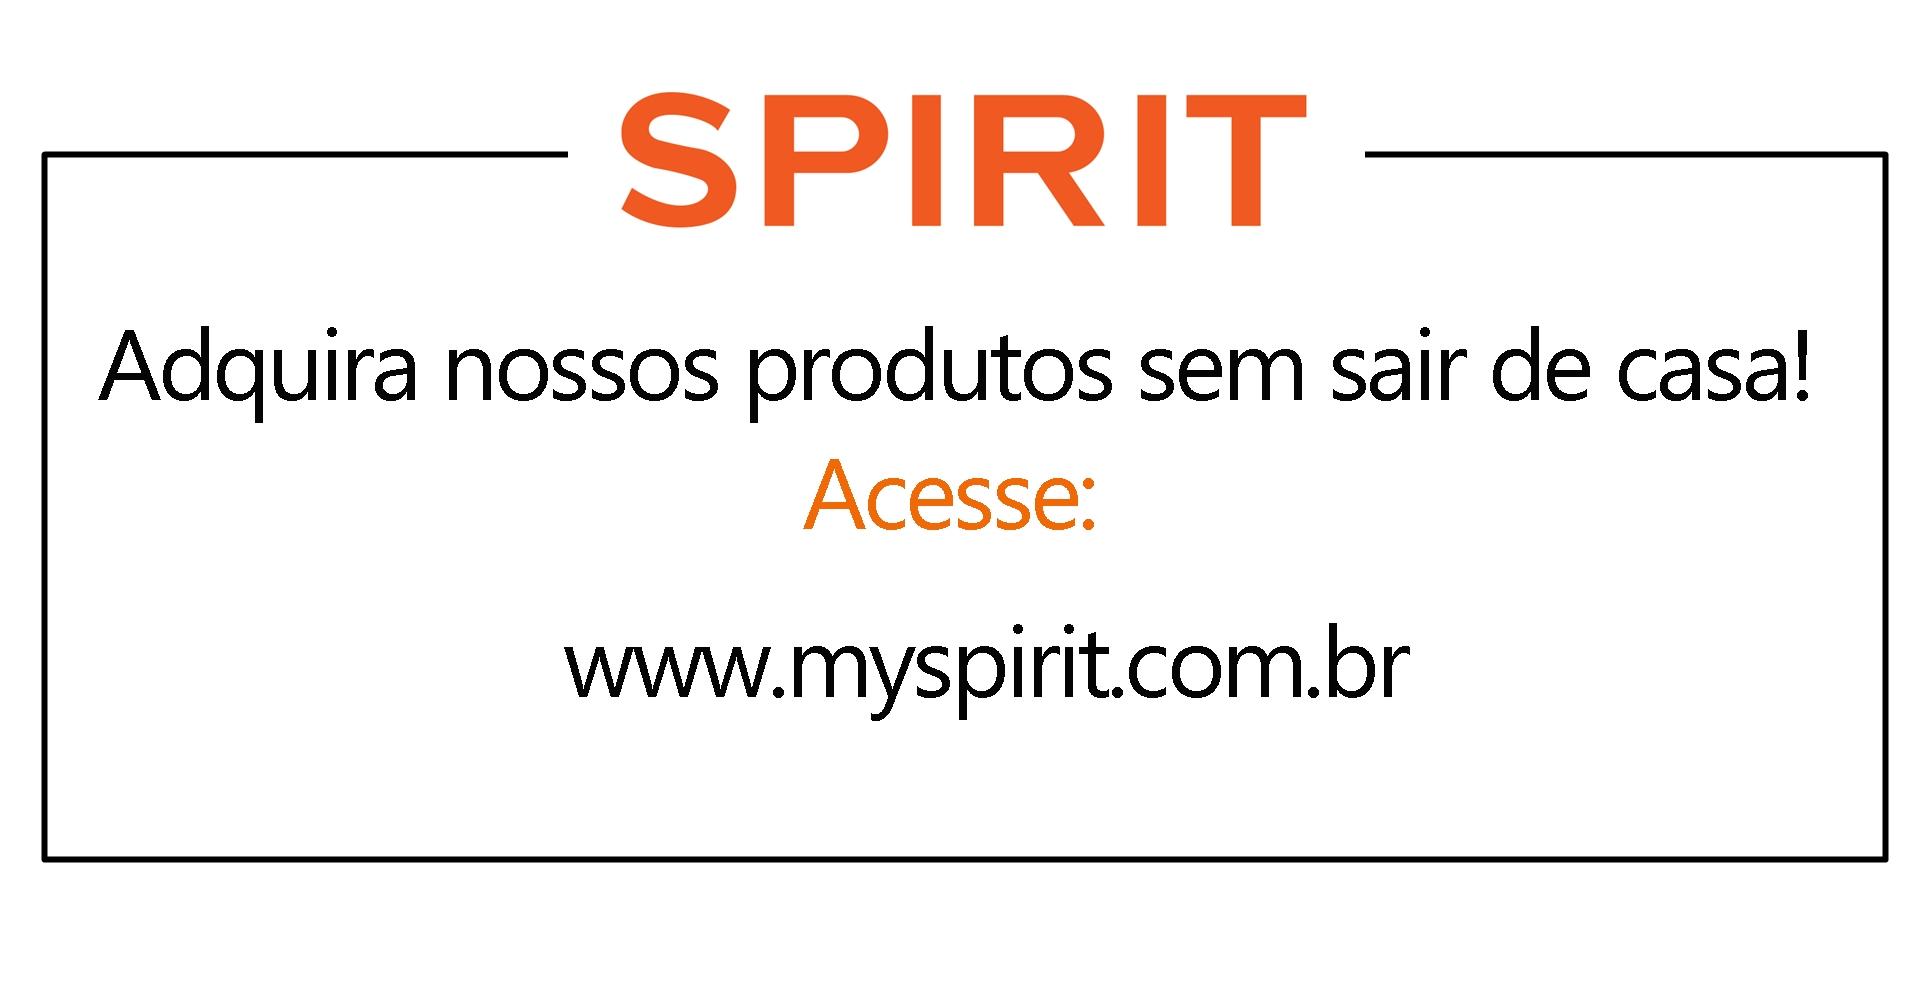 ventilador de teto Spirit - Blog Myspirit - banner site Spirit - ideias para decoração de Natal